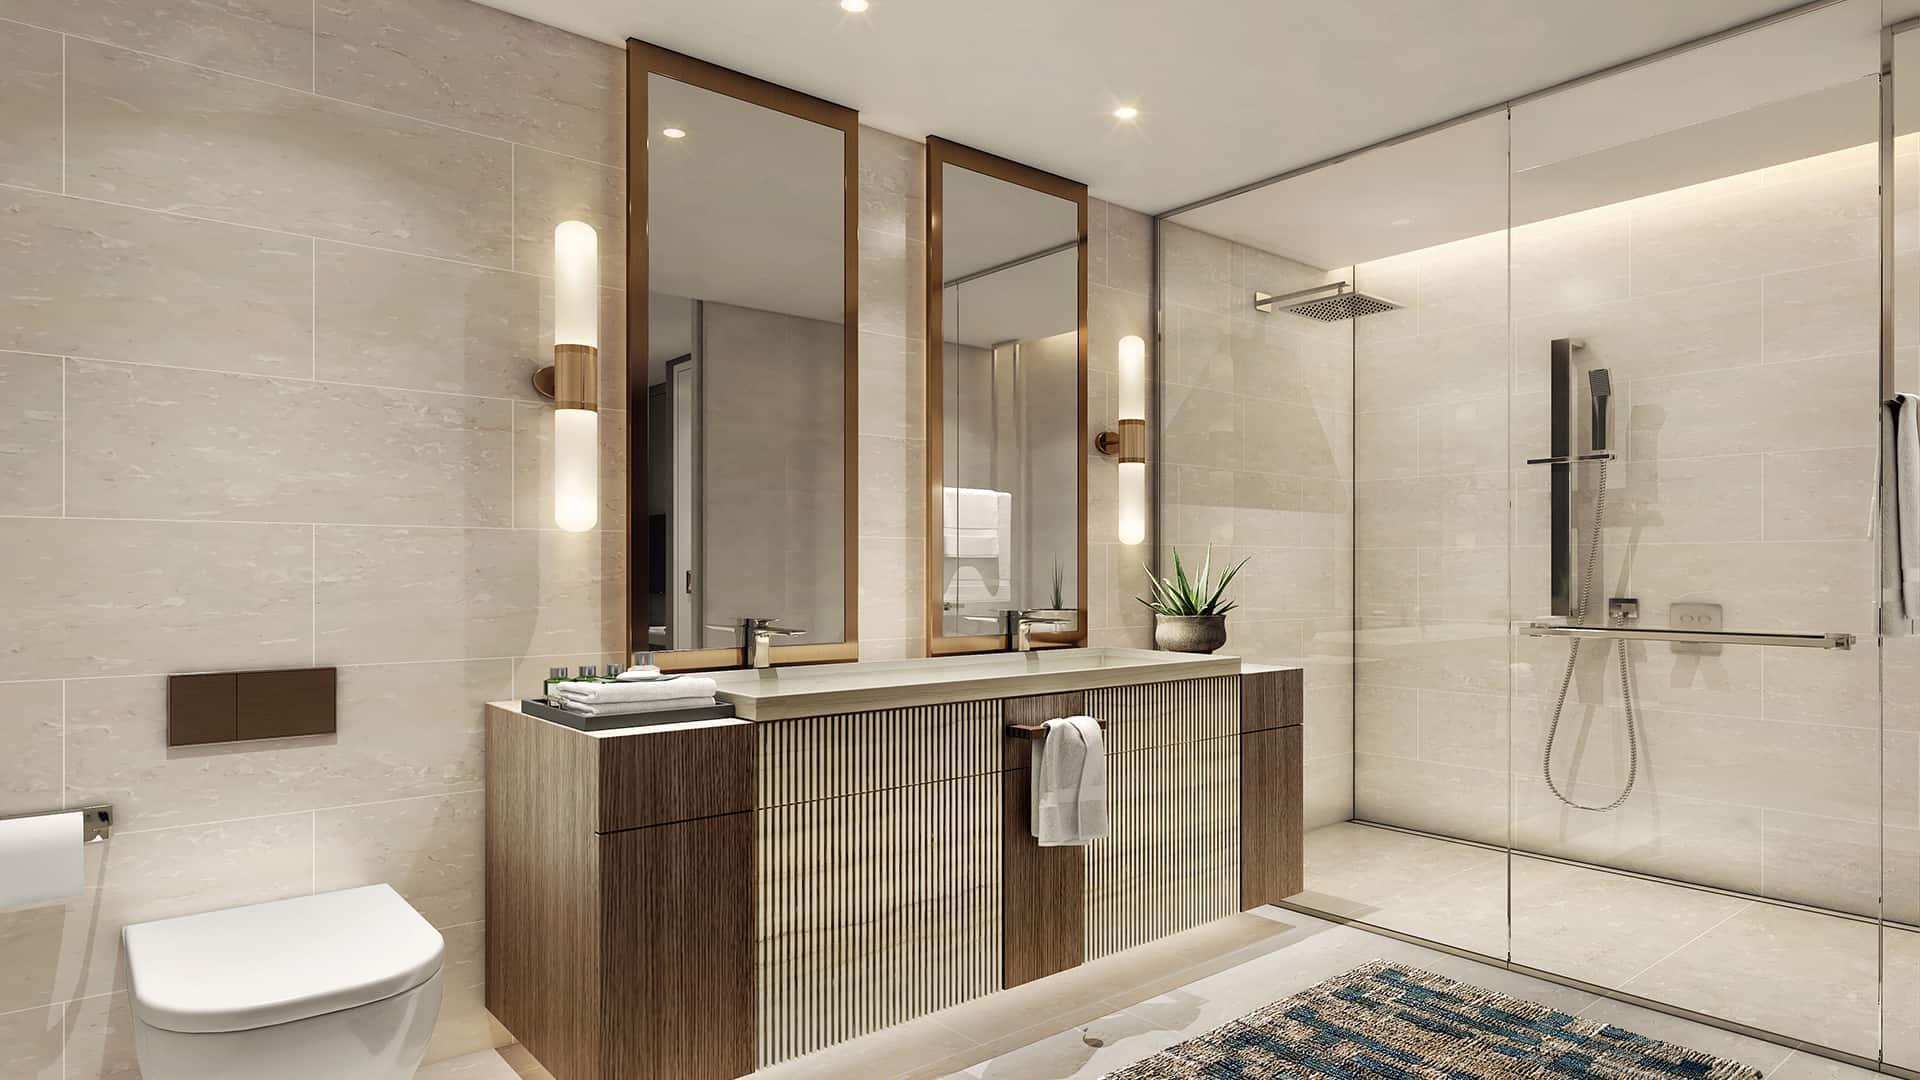 2 Bedroom Residence Shower